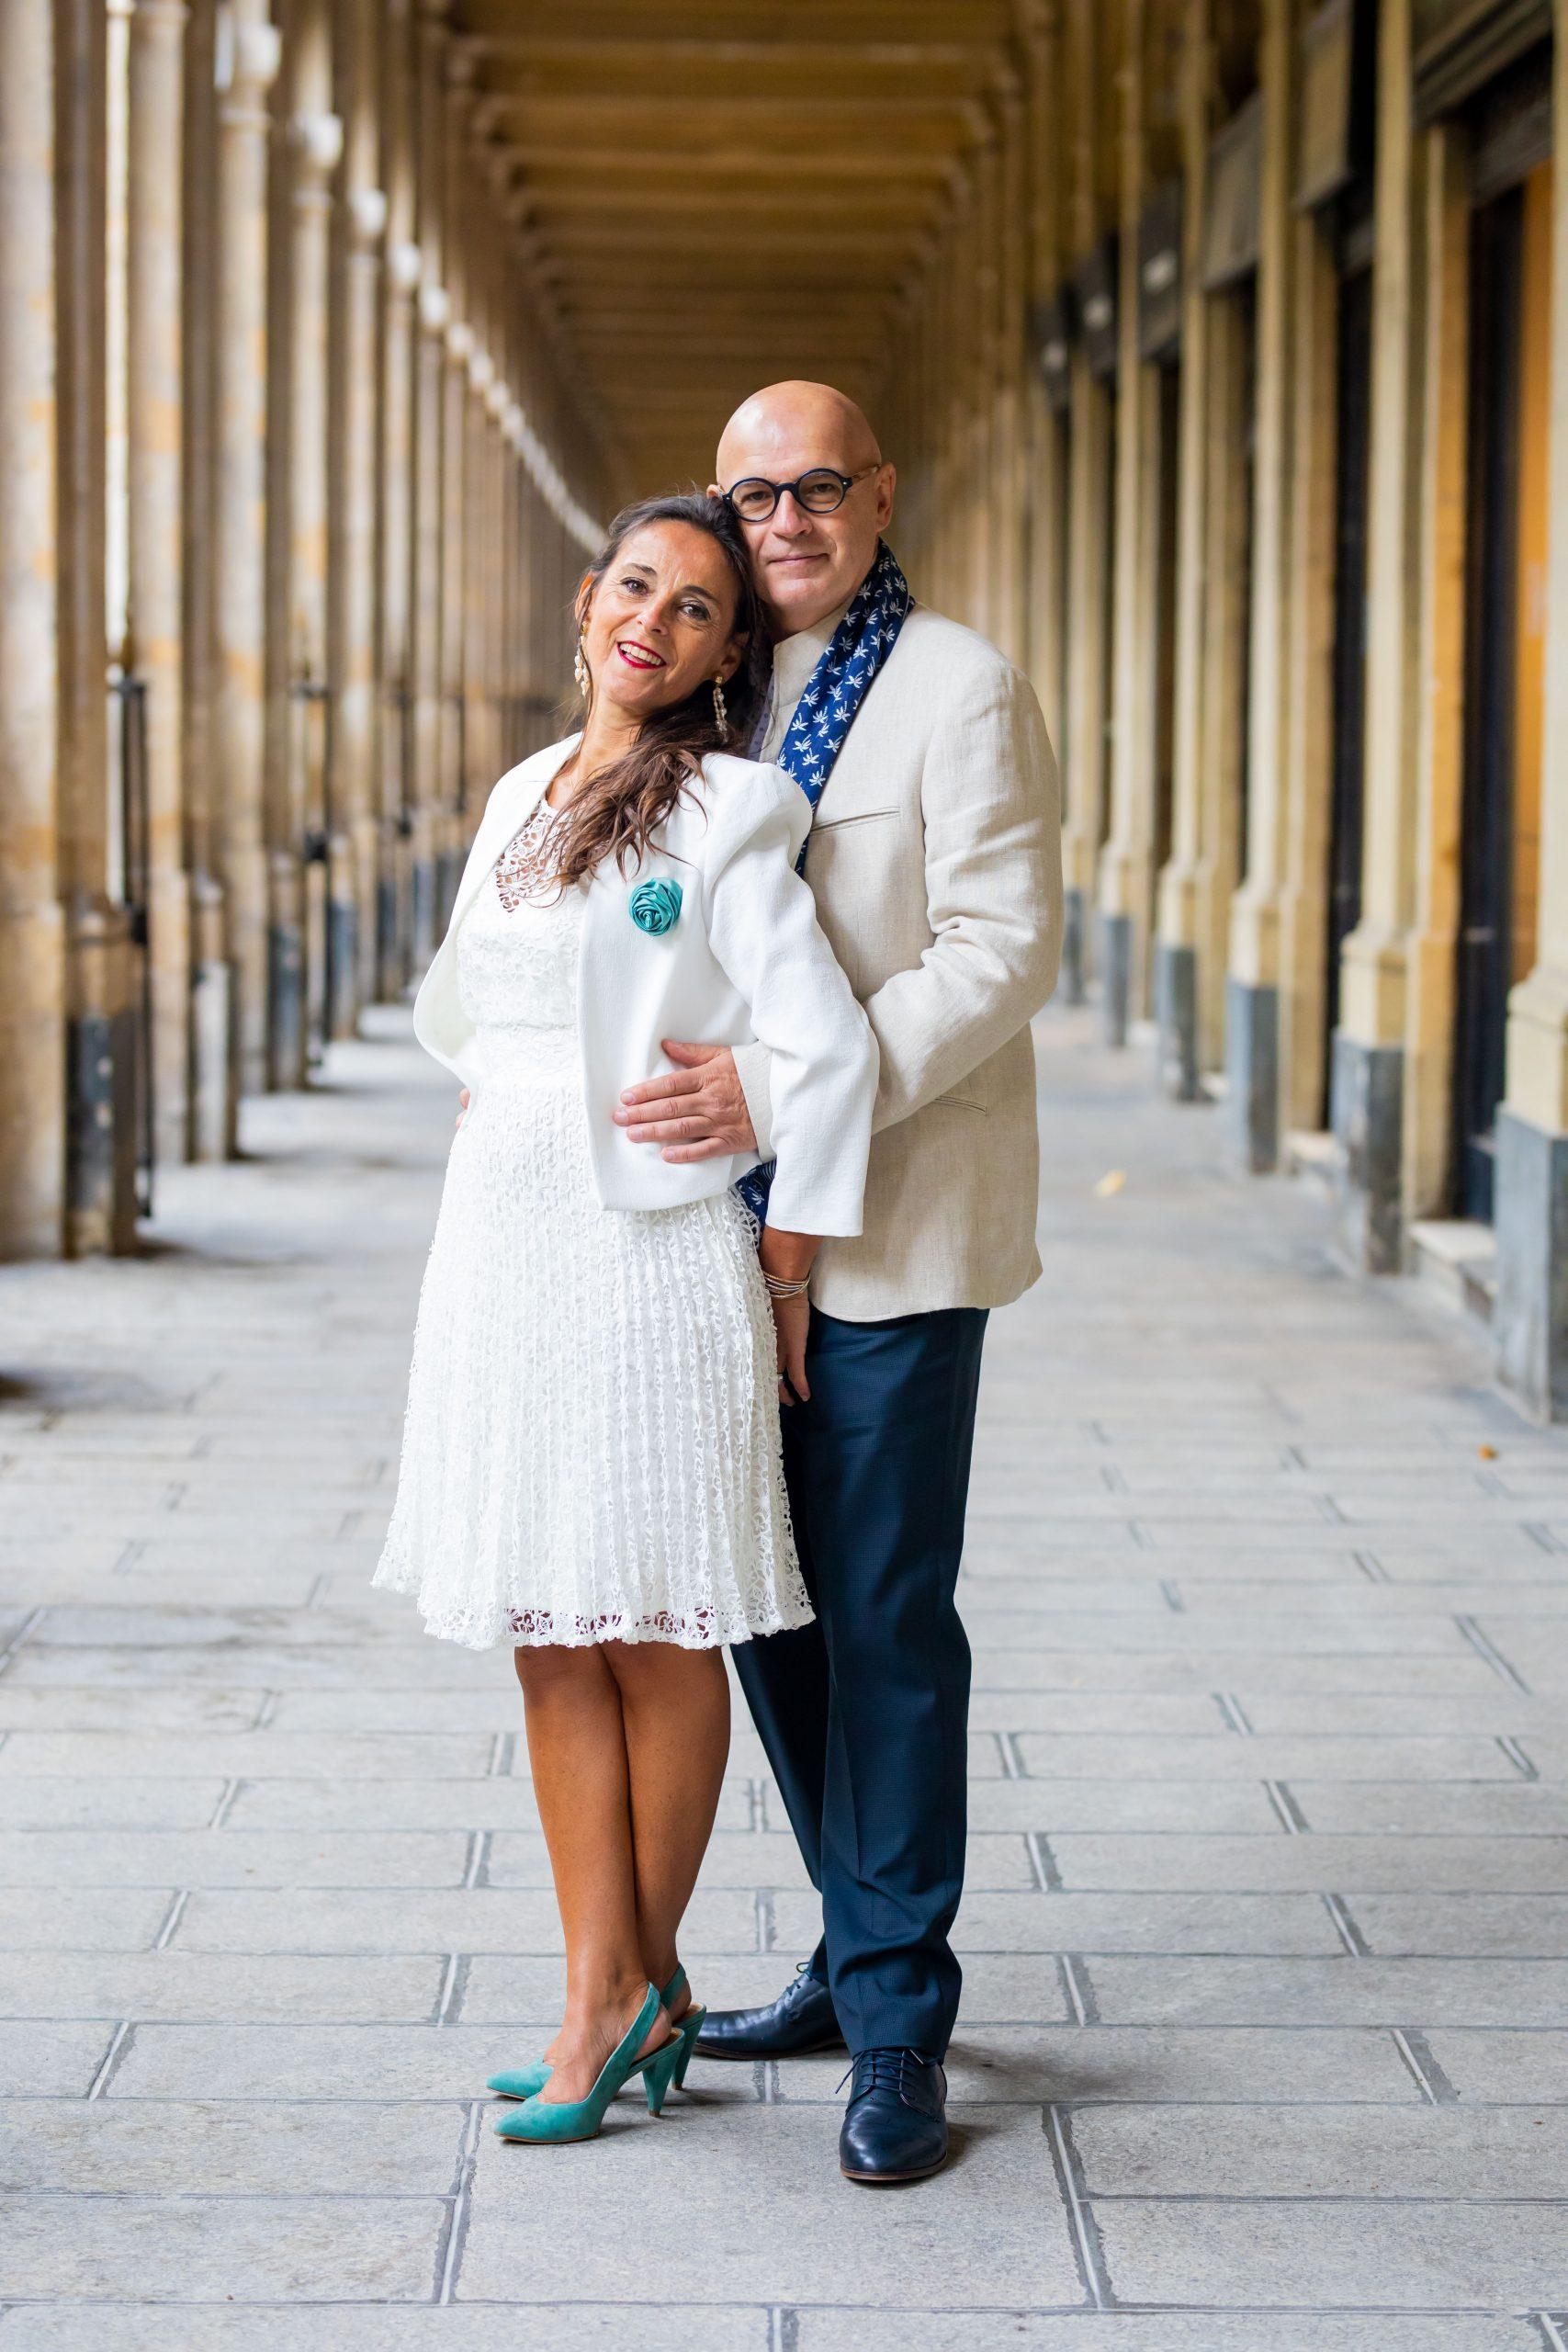 Mariage Paris - Photographe mariage Ile de France original - photographe couple Palais Royal, Paris